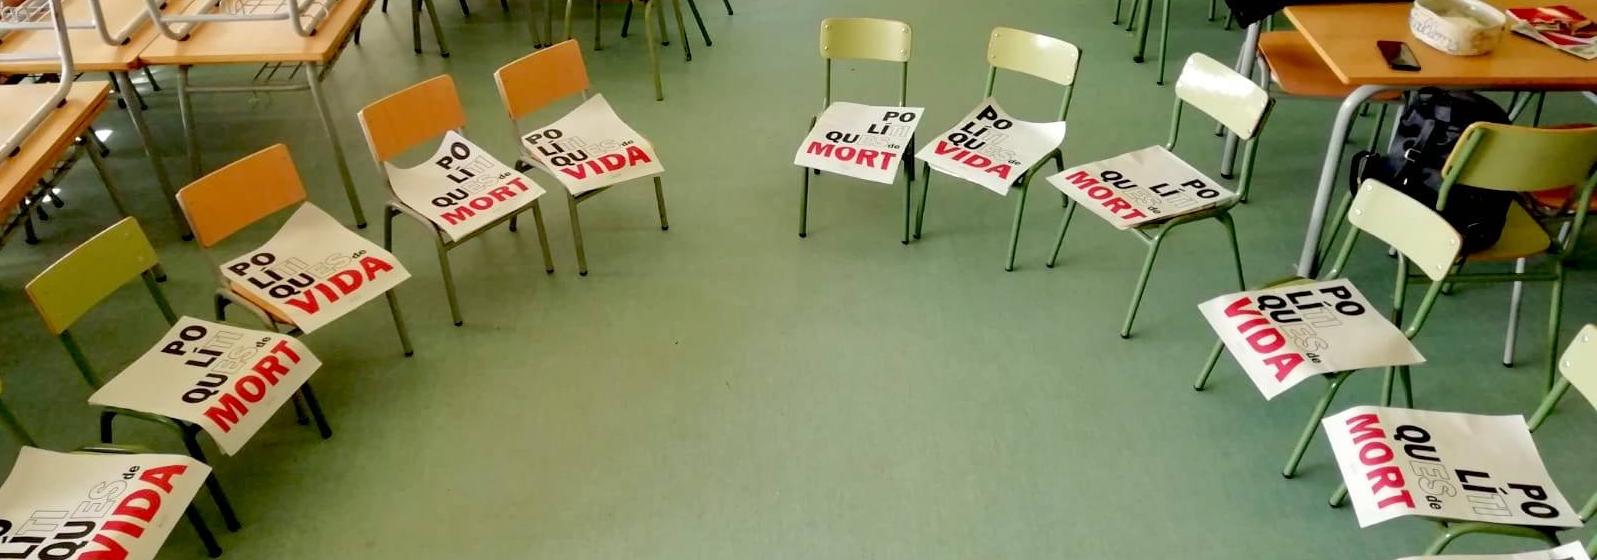 Per una campanya electoral que respecti la convivència